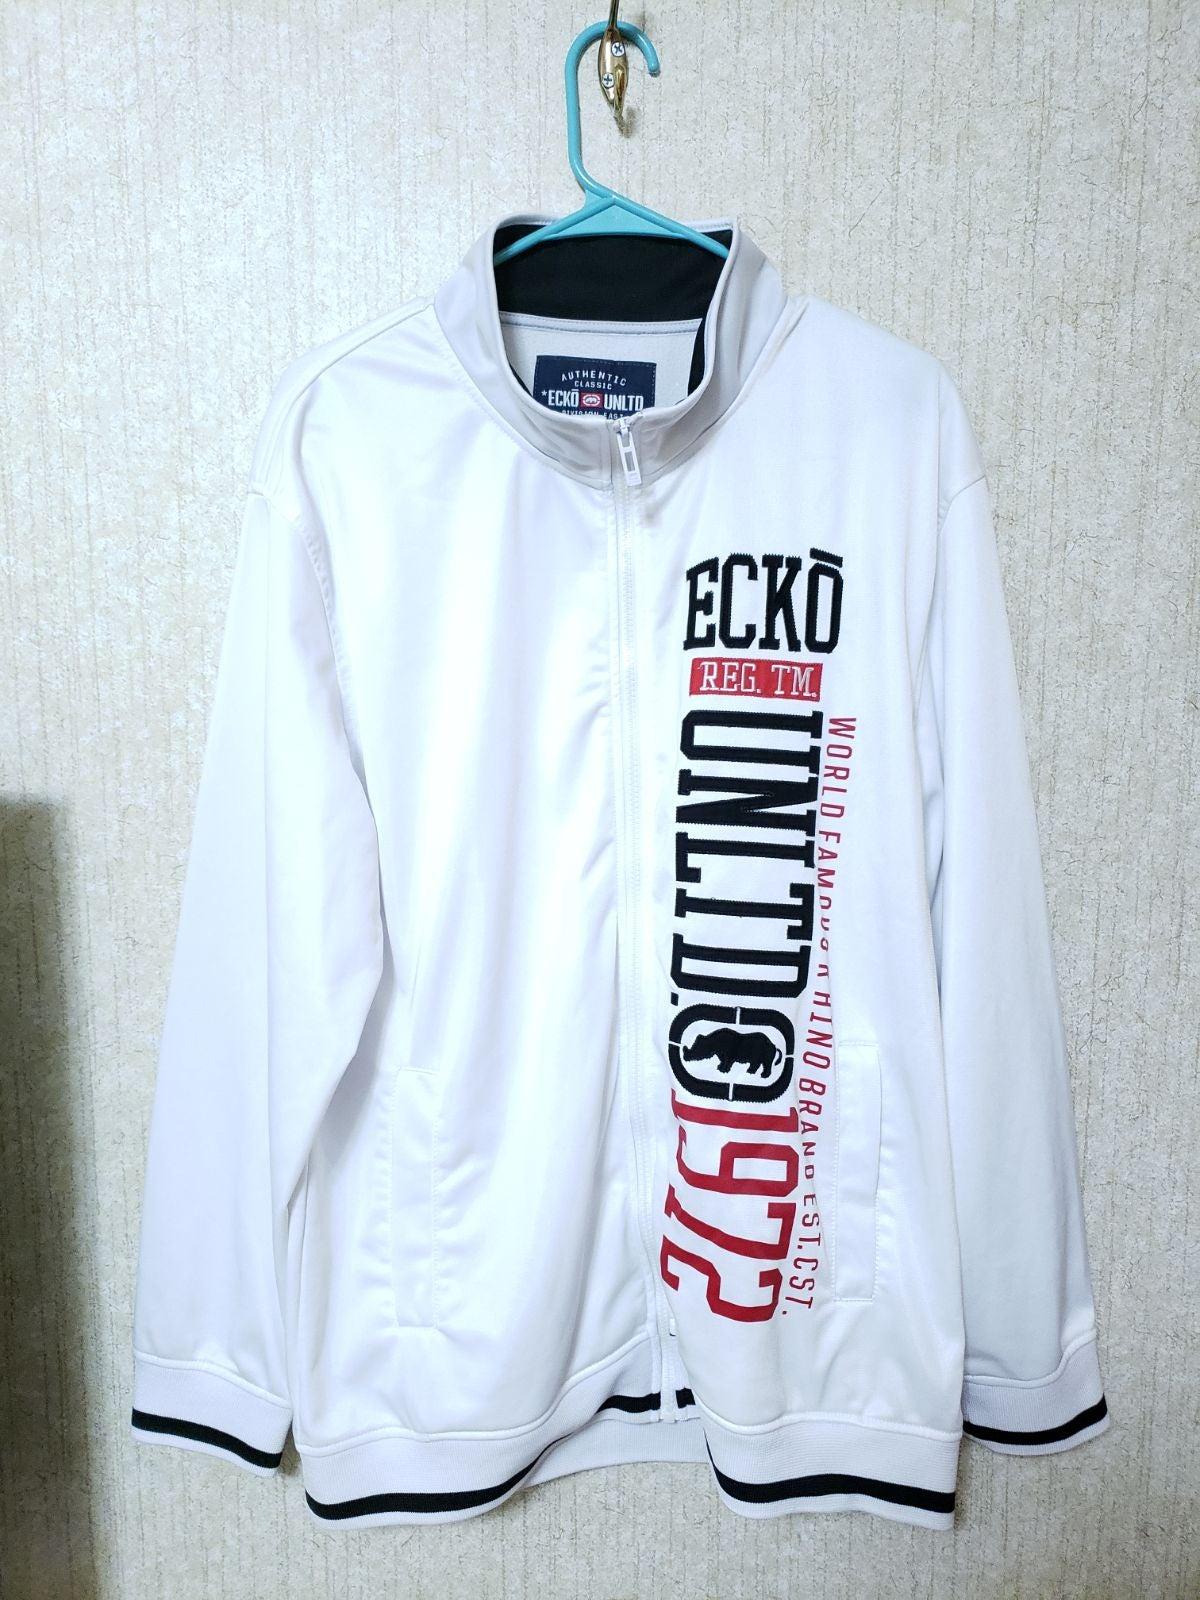 Ecko Unlimited Men's track jacket